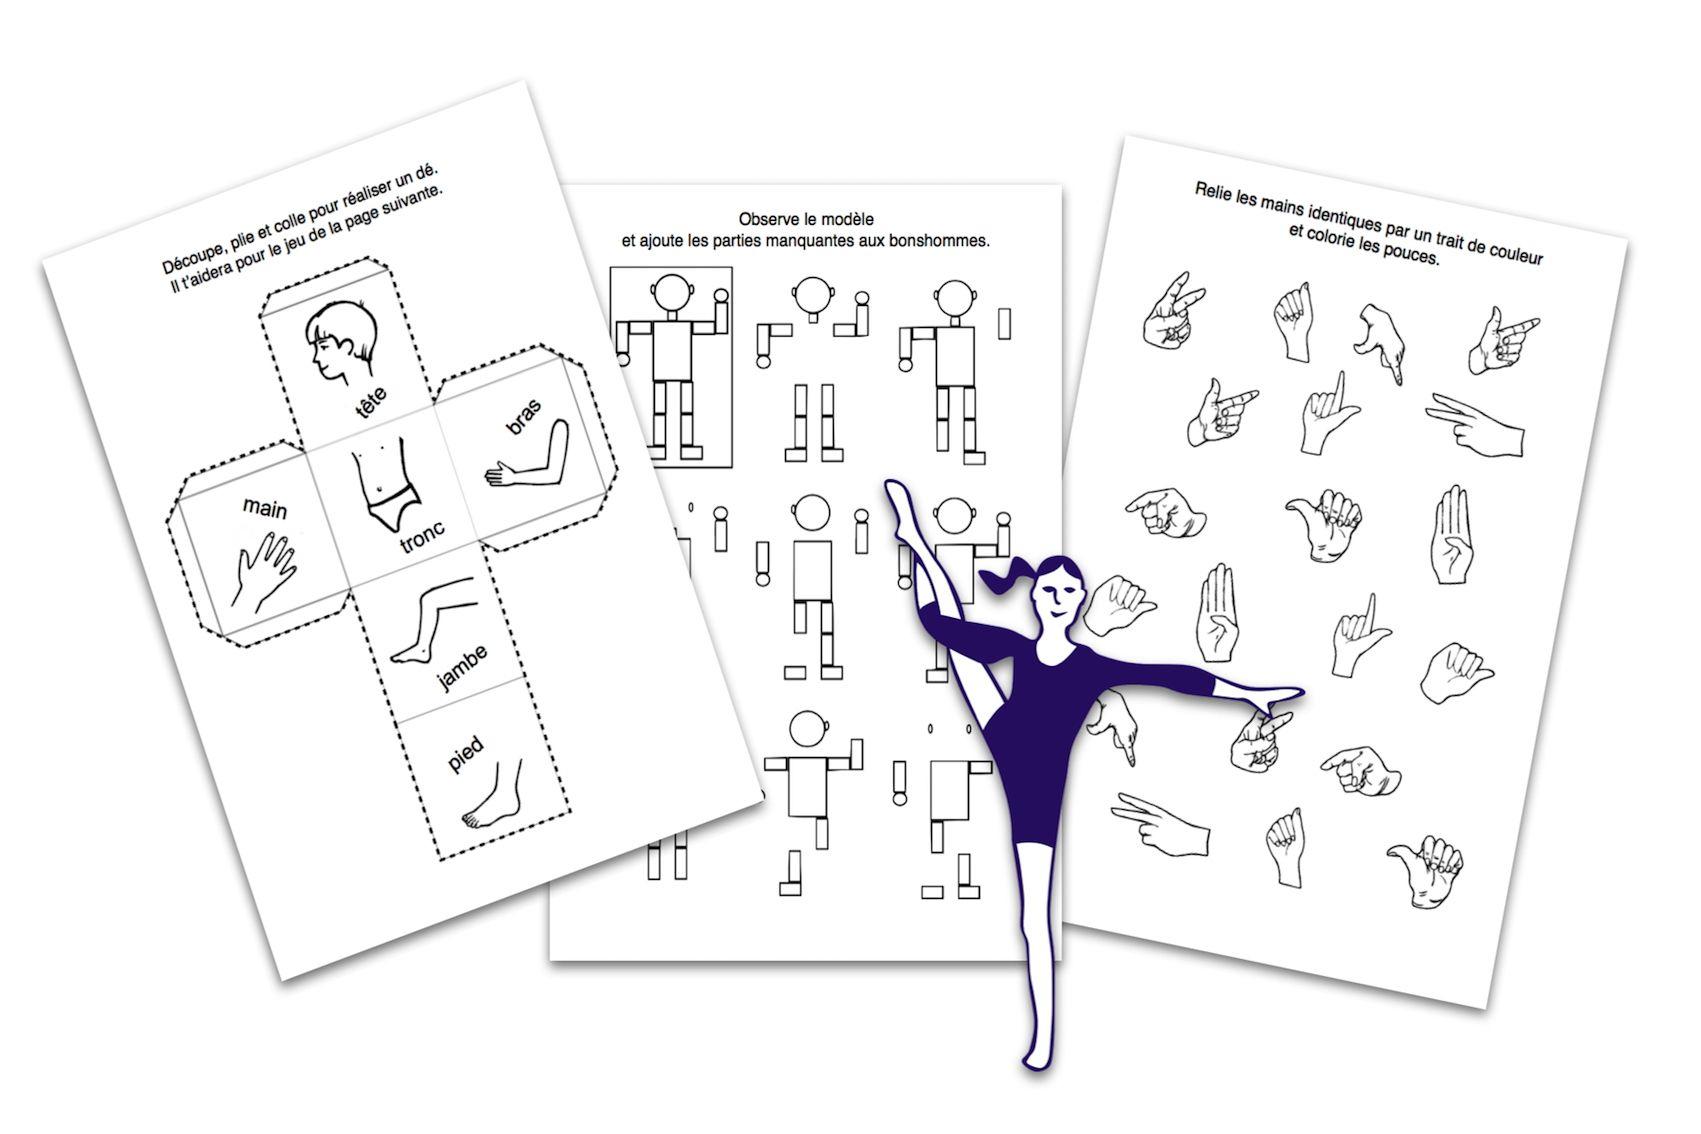 Jeux Grande Section Maternelle Gratuit En Ligne - Primanyc concernant Exercice Maternelle Petite Section Gratuit En Ligne